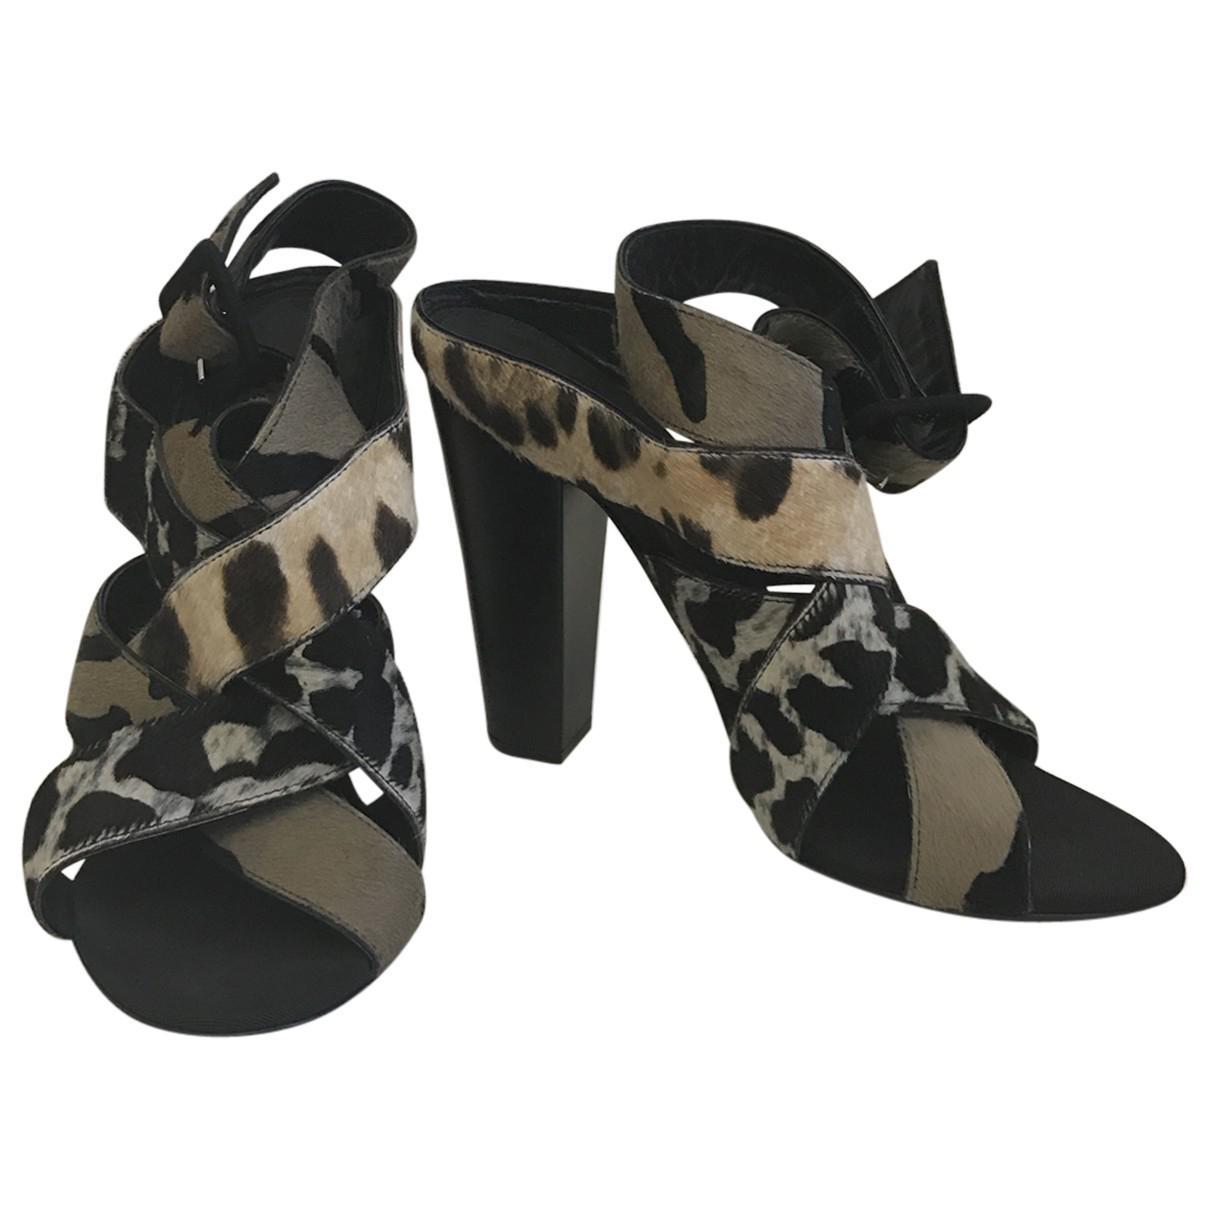 Giuseppe Zanotti Pony-style Calfskin Sandals e34M2amwu